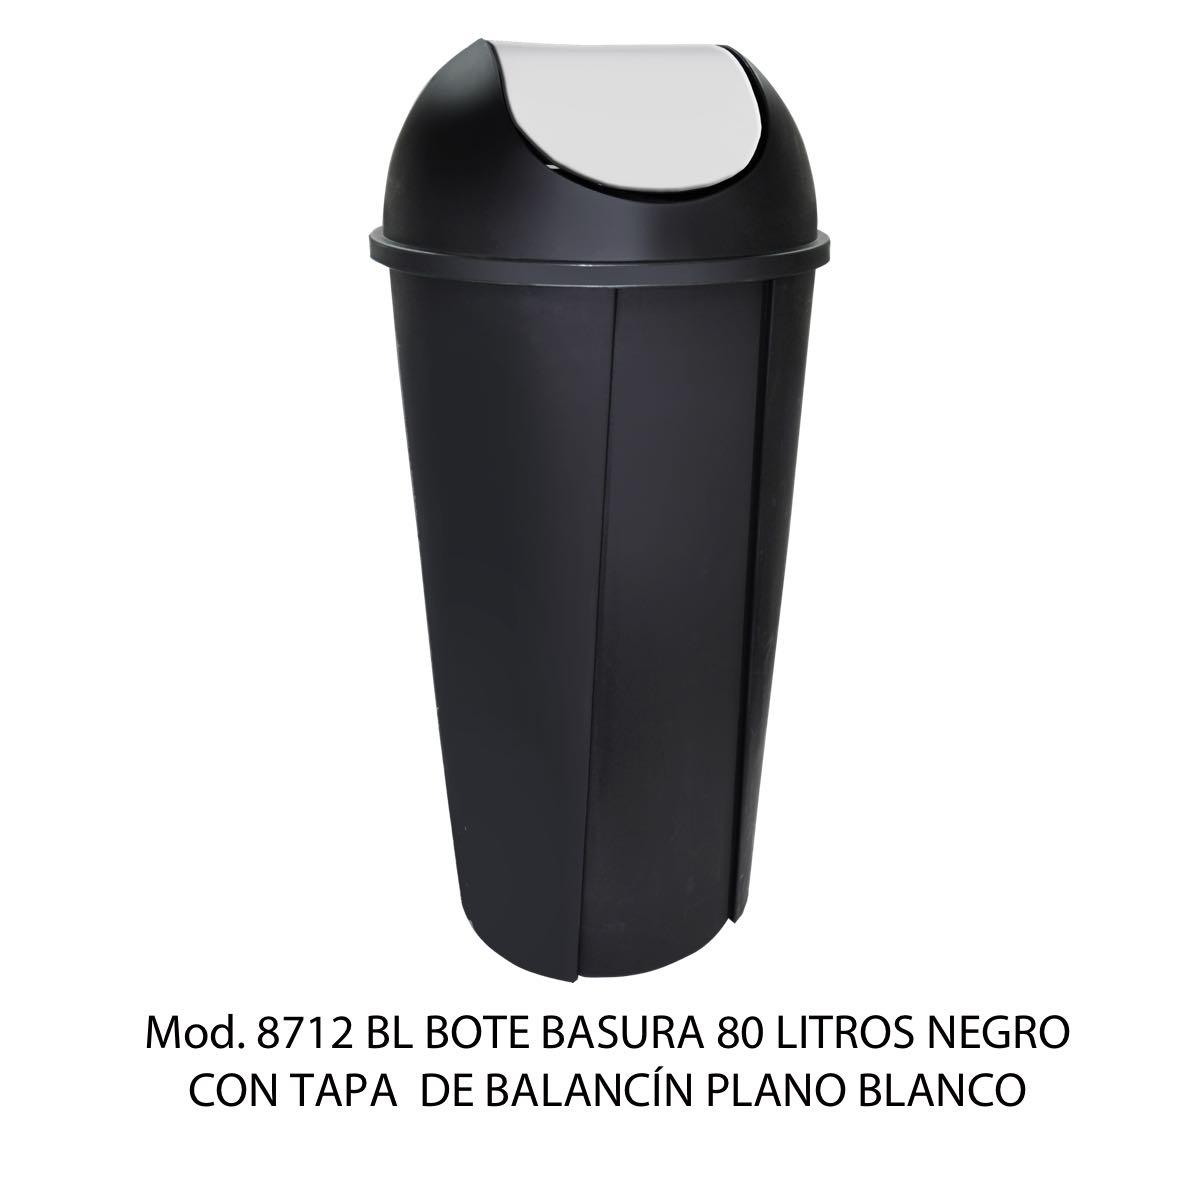 Bote de basura redondo negro de 80 litros con tapa blanco tipo balancín liso modelo 8712 BL Sablón